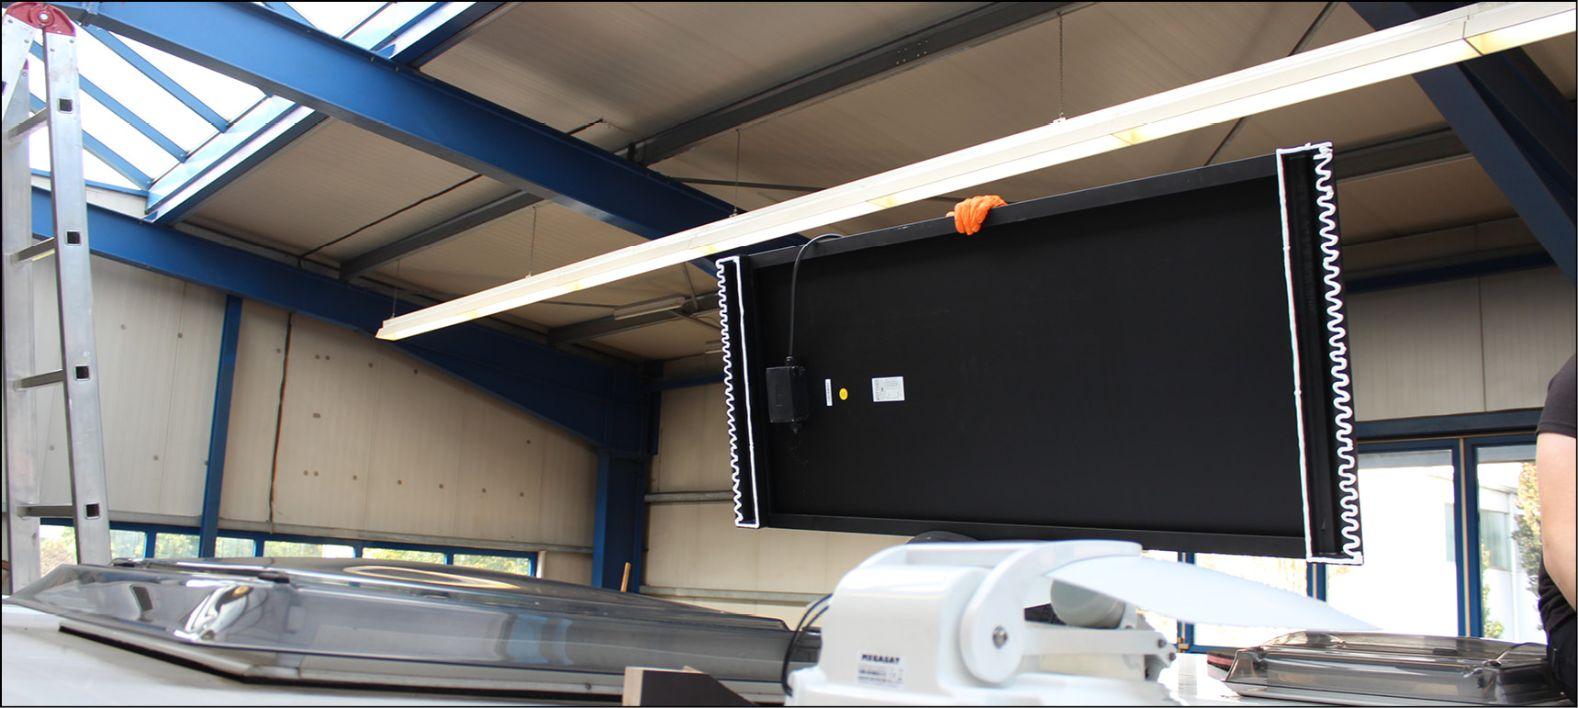 Wohnmobil Sat-Anlage und Solar nachrüsten